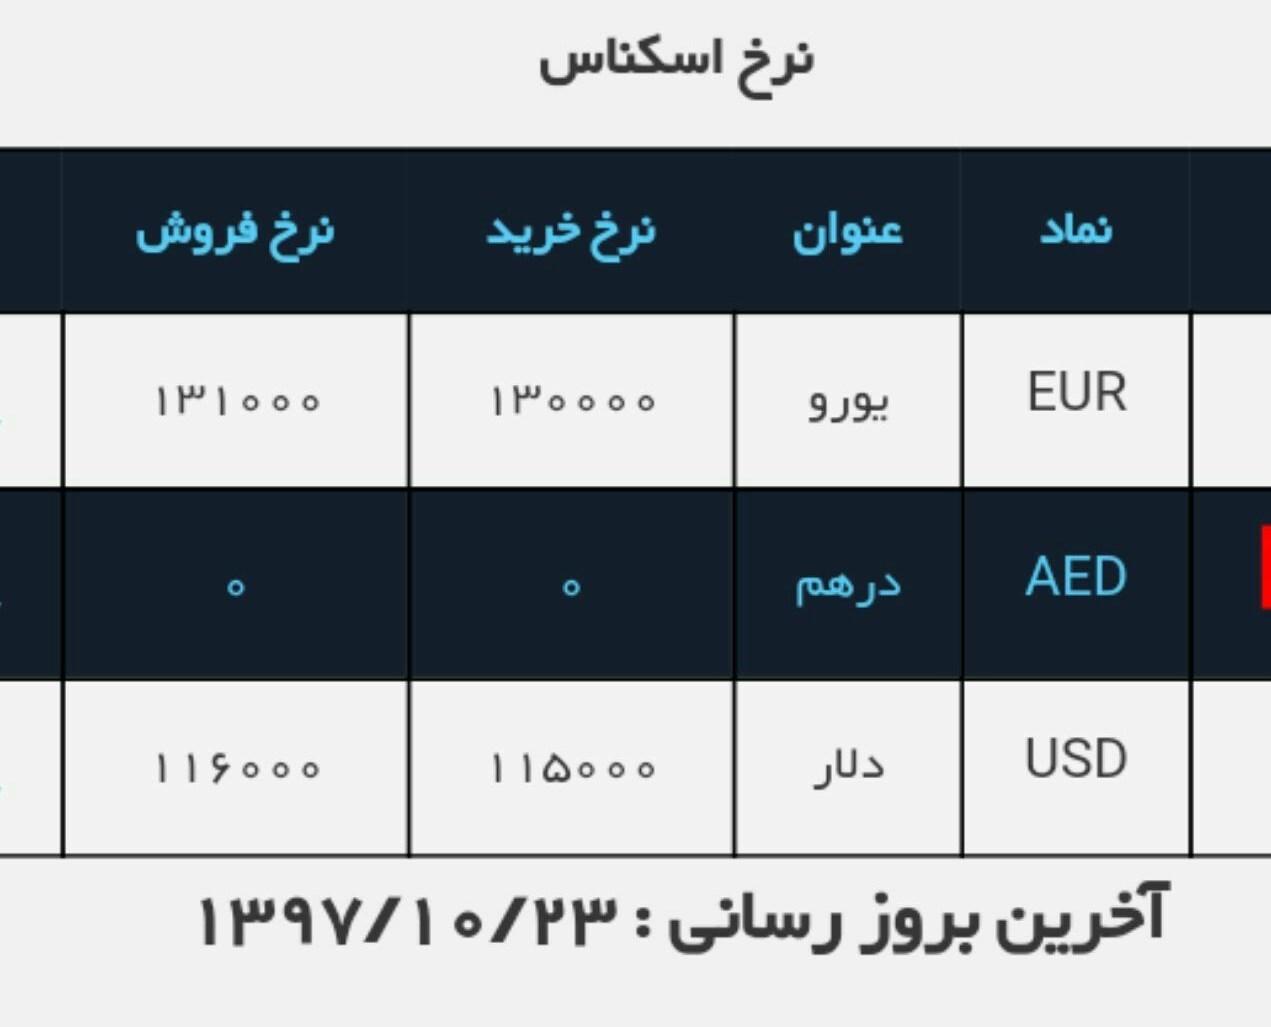 قیمت دلار در صرافی ملی افزایش یافت/ نرخ الان: ۱۱۶۰۰ تومان - 7